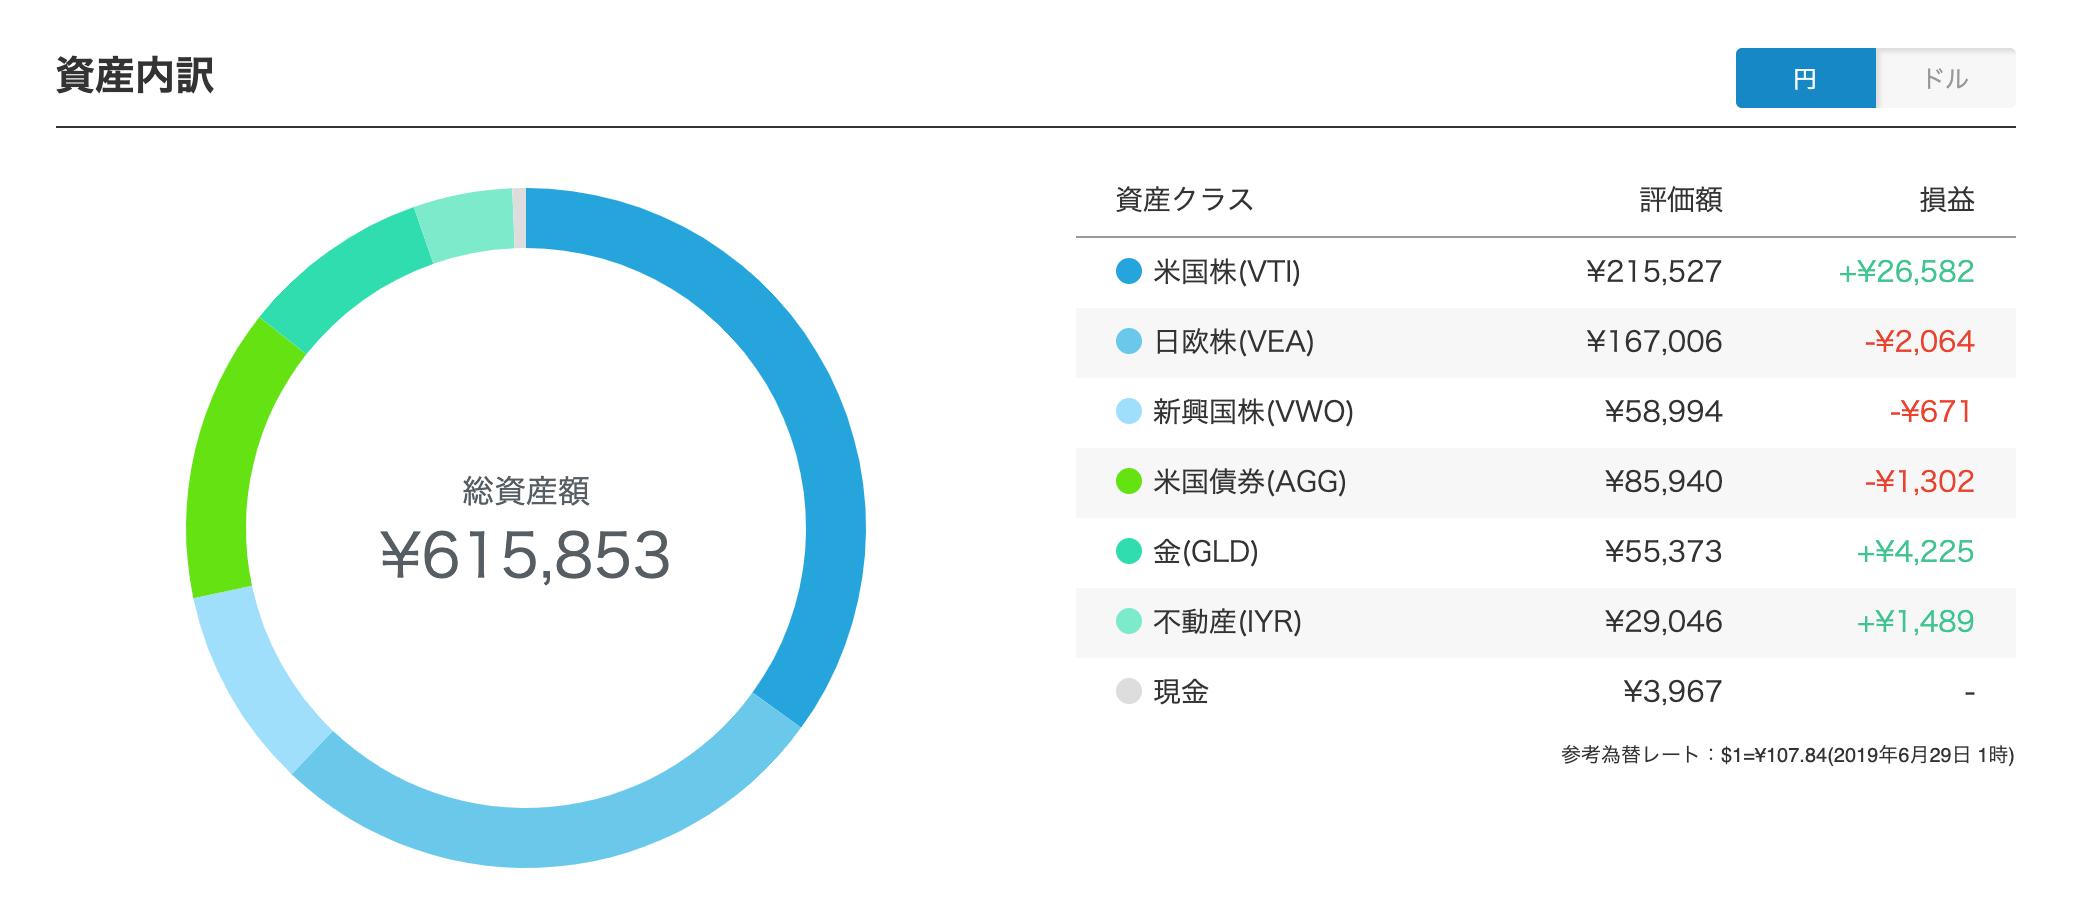 ウェルスナビ ポートフォリオ円建て(2019年6月末)